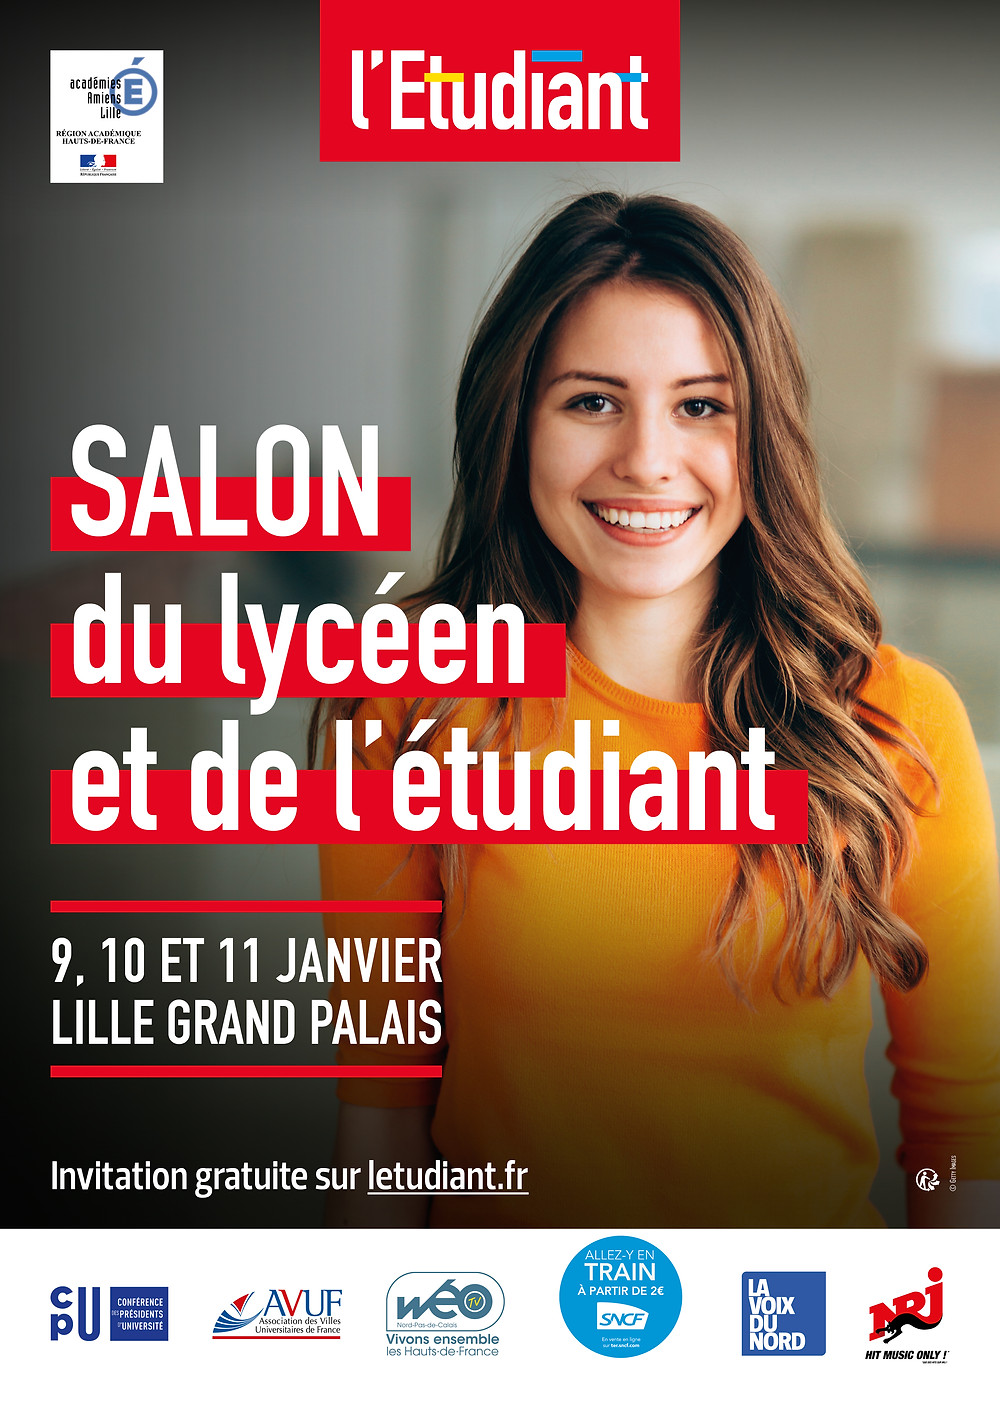 Invitation au salon de l'Etudiant et du Lycéen de Lille 2019